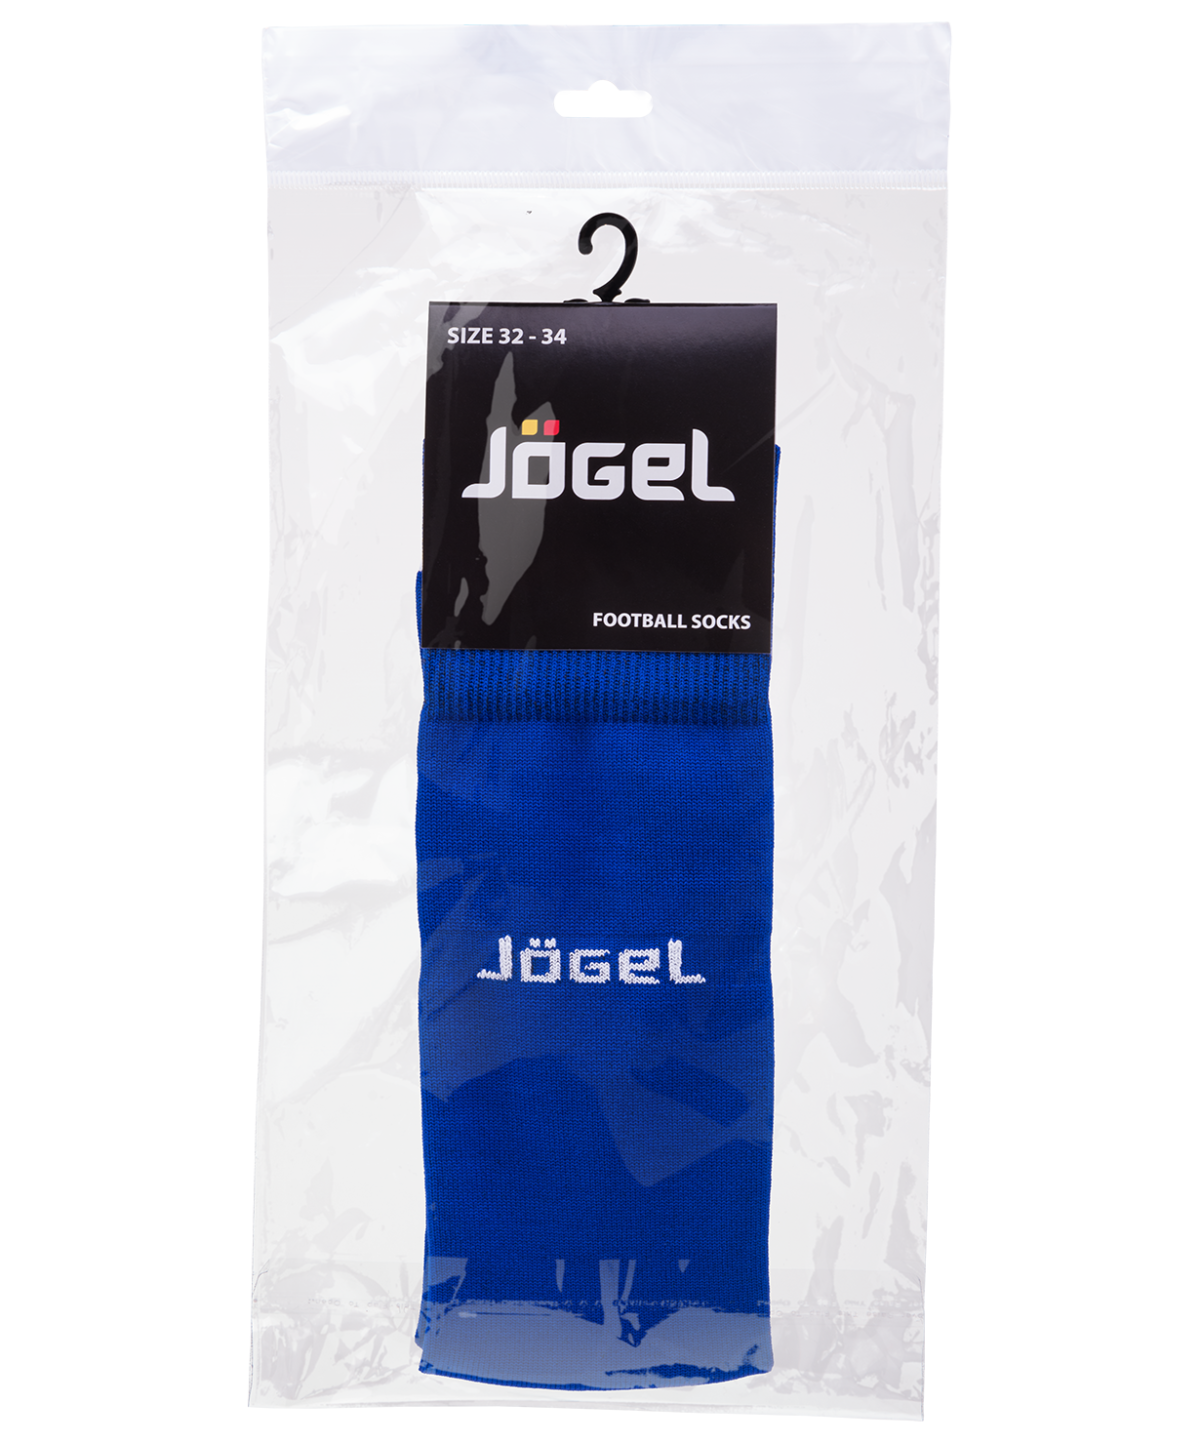 JOGEL Гетры футбольные, синий/белый  JA-001 - 5